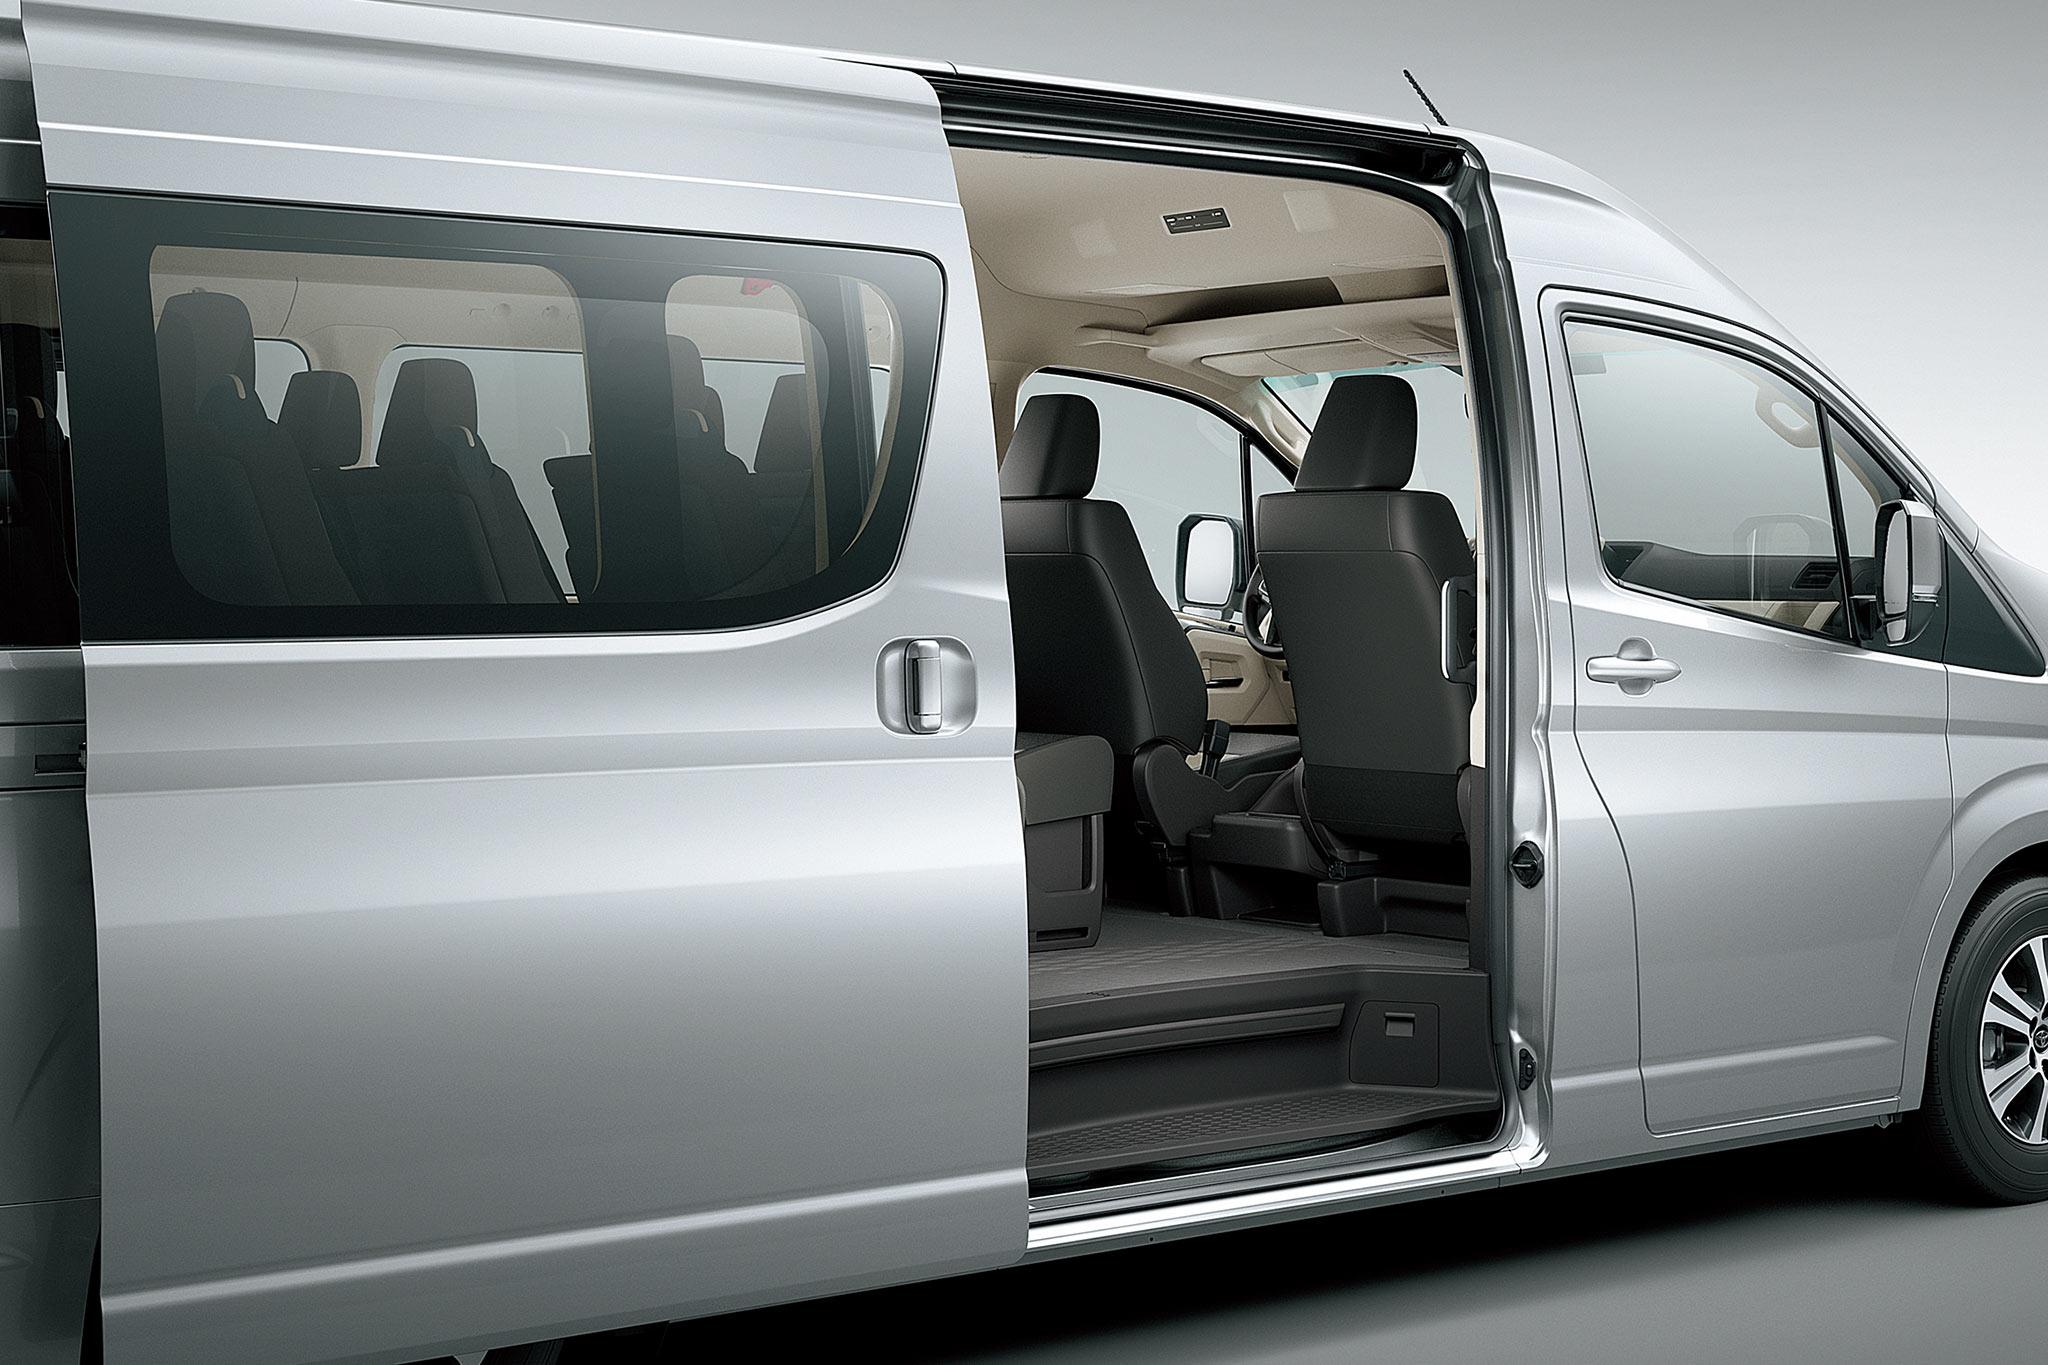 Toyota Hiace 16 chỗ máy dầu ảnh 6 - Hiace 2020: giá xe và khuyến mãi tháng [hienthithang]